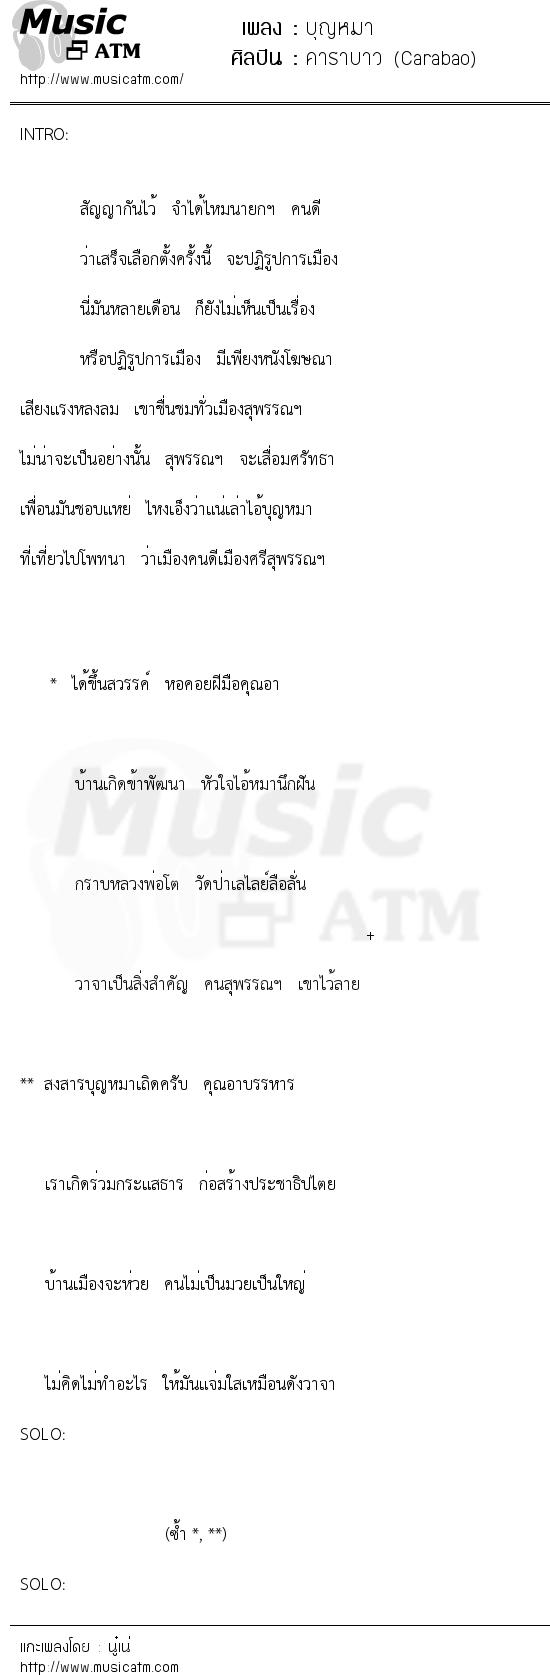 เนื้อเพลง บุญหมา - คาราบาว (Carabao) | เพลงไทย